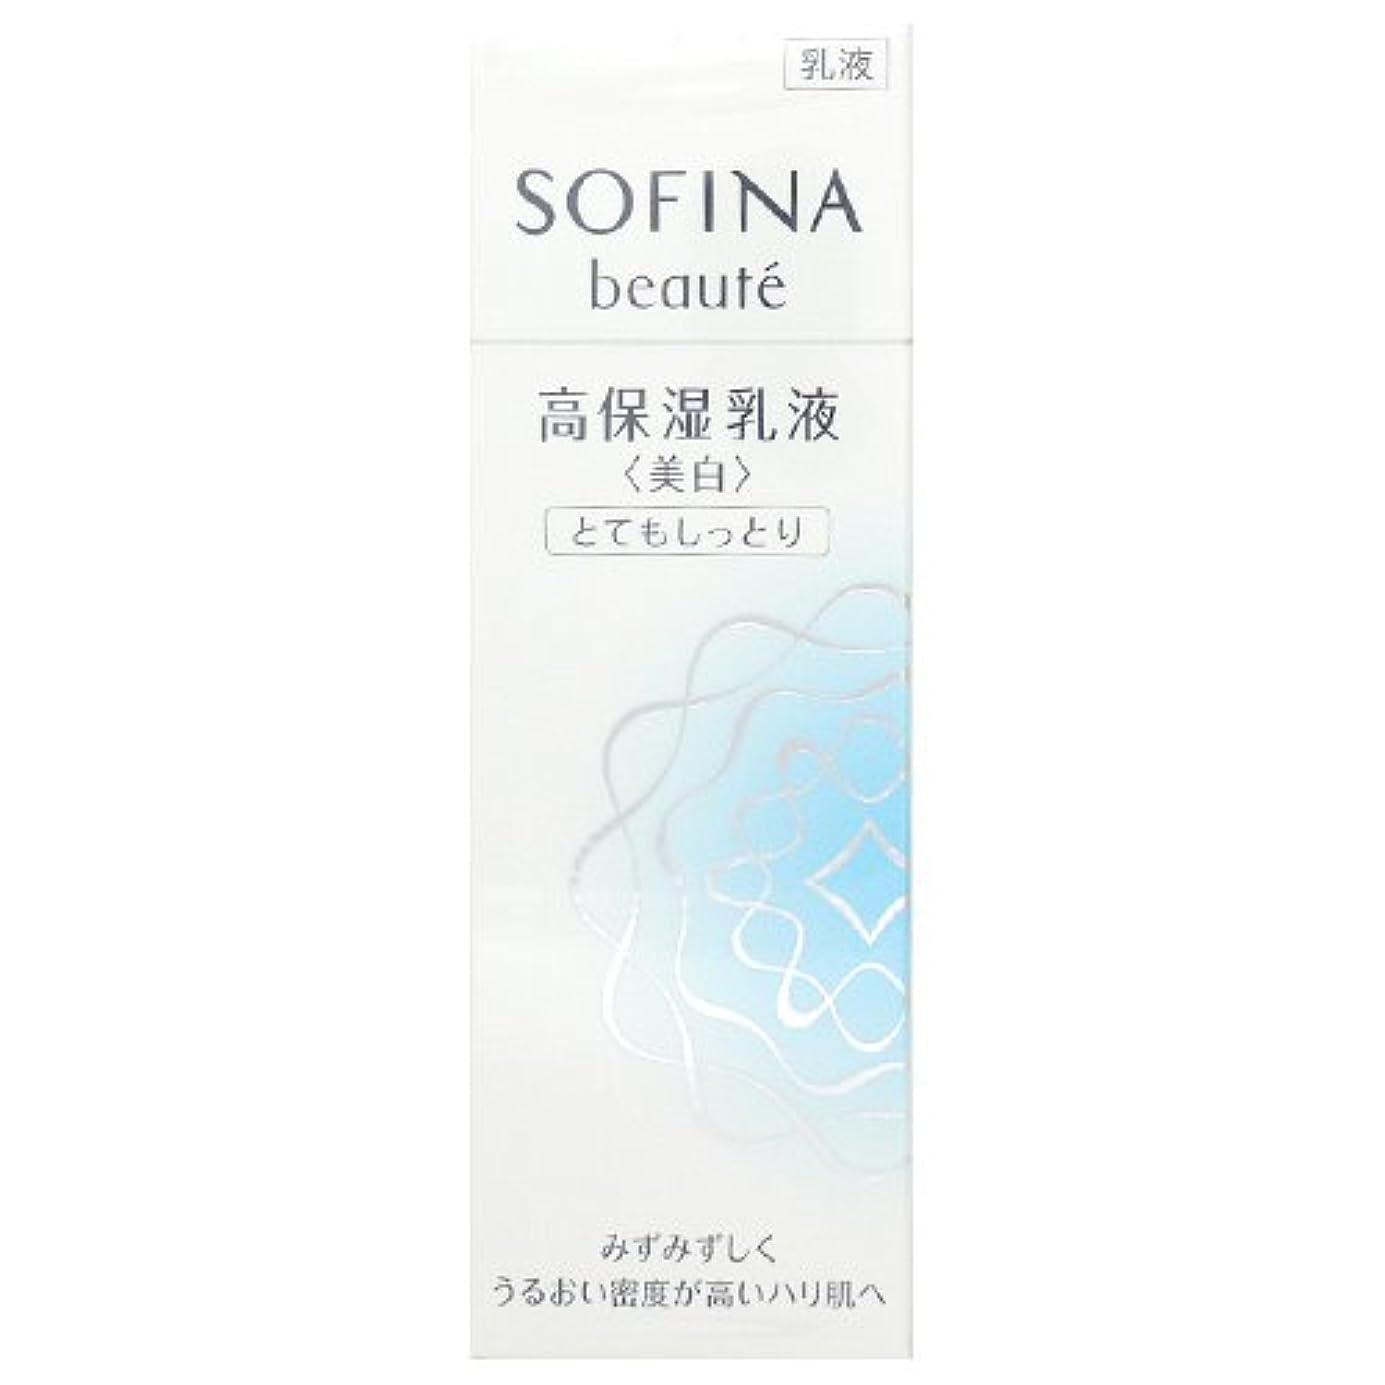 獲物出身地批評花王 ソフィーナ ボーテ 高保湿乳液 美白 とてもしっとり 60g